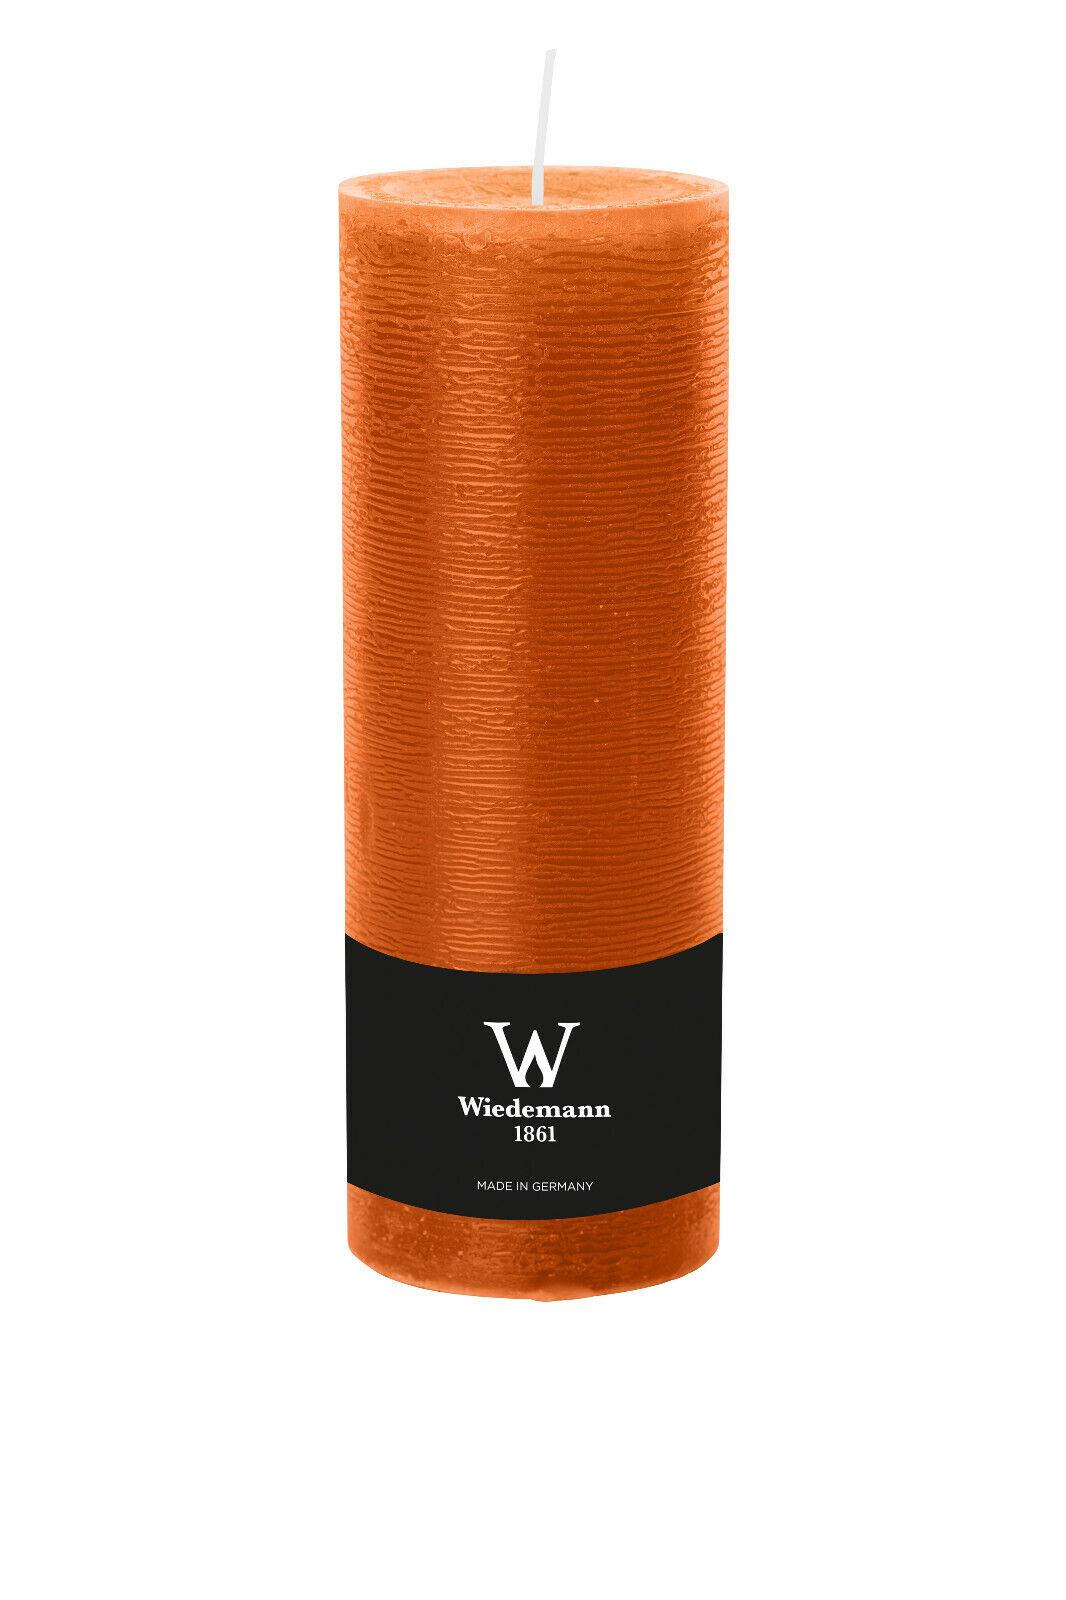 4x Kerzen 300x98mm Farbe Dukat durchgefärbte Rustik Kerzen- Kerzen Wiedemann